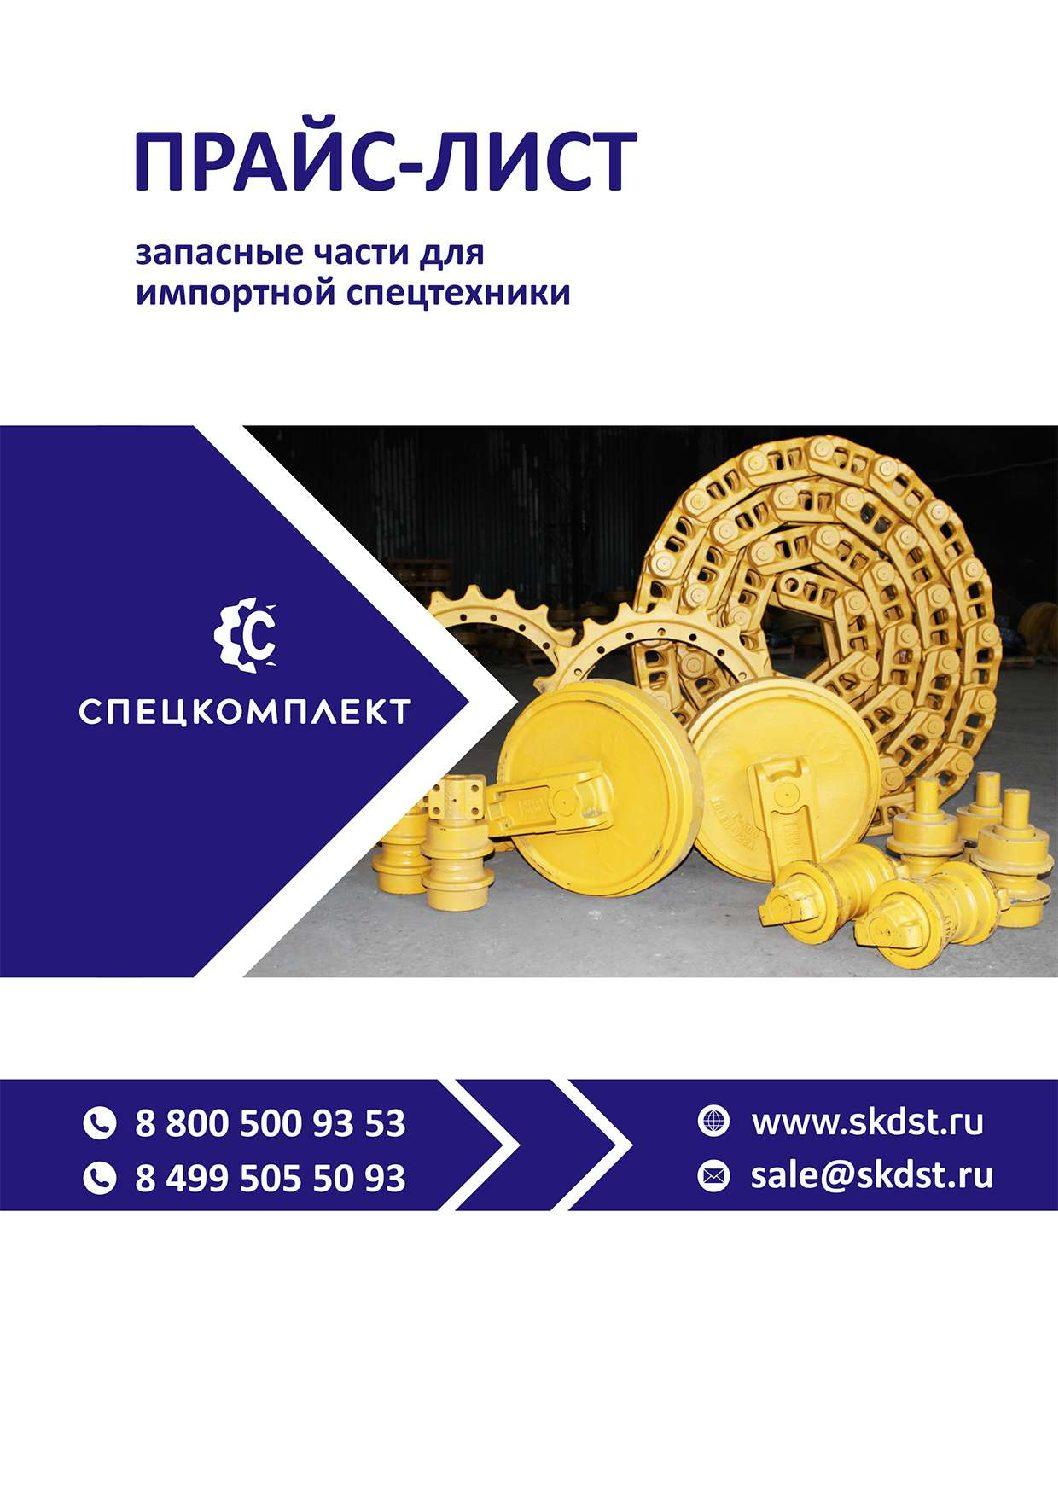 -лист СПЕЦКОМПЛЕКТ 23 октября 2019